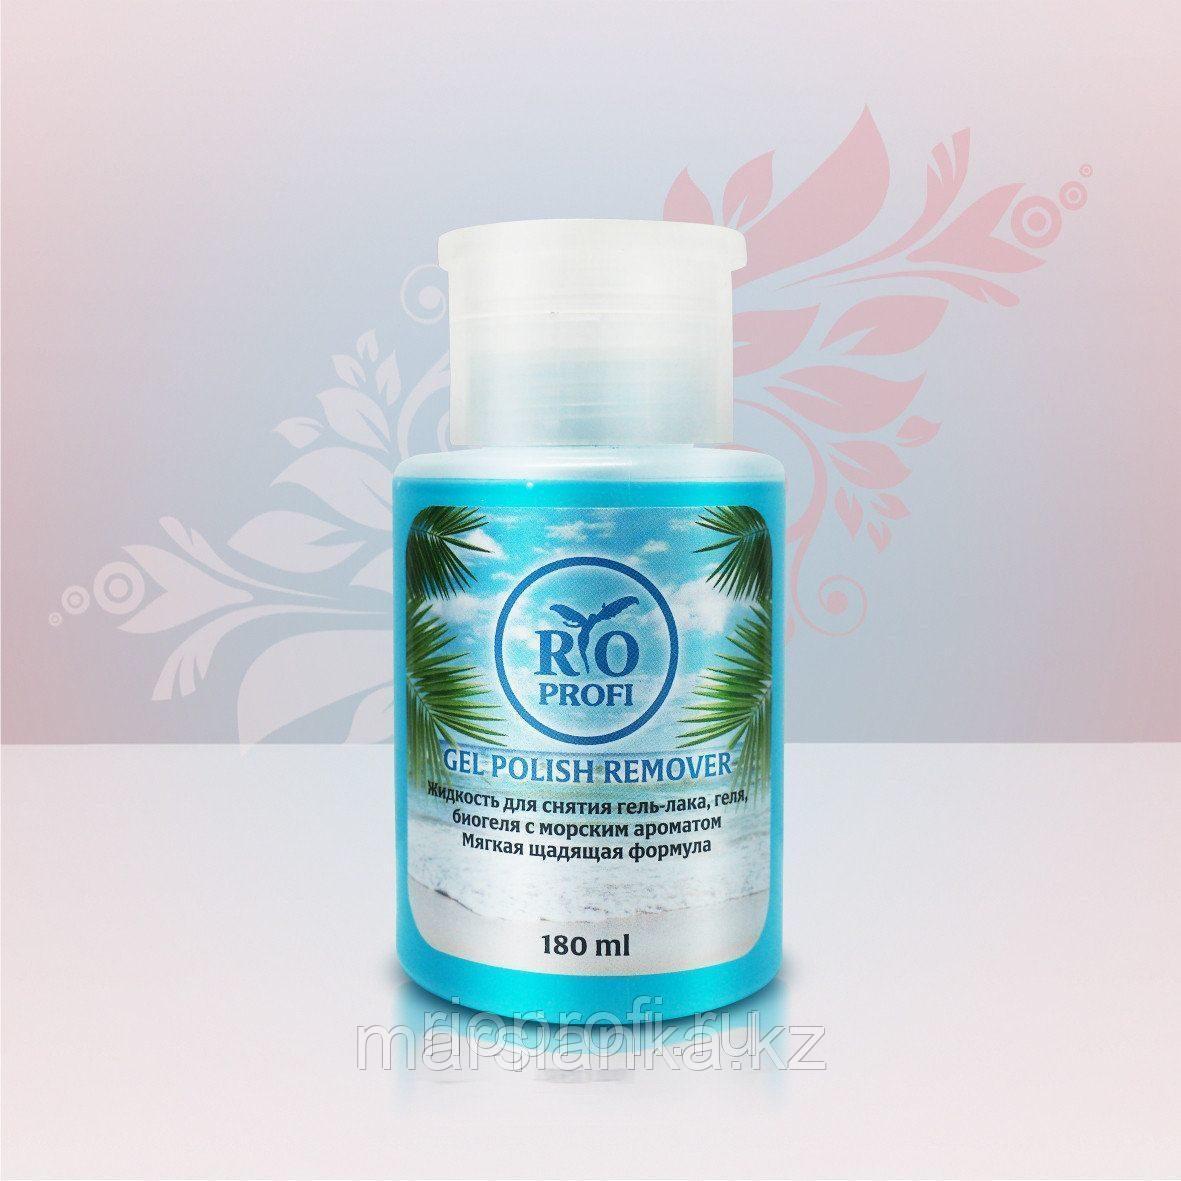 Жидкость для снятия гель-лака,акрила Морской аромат Rio Profi в помпе, 180мл